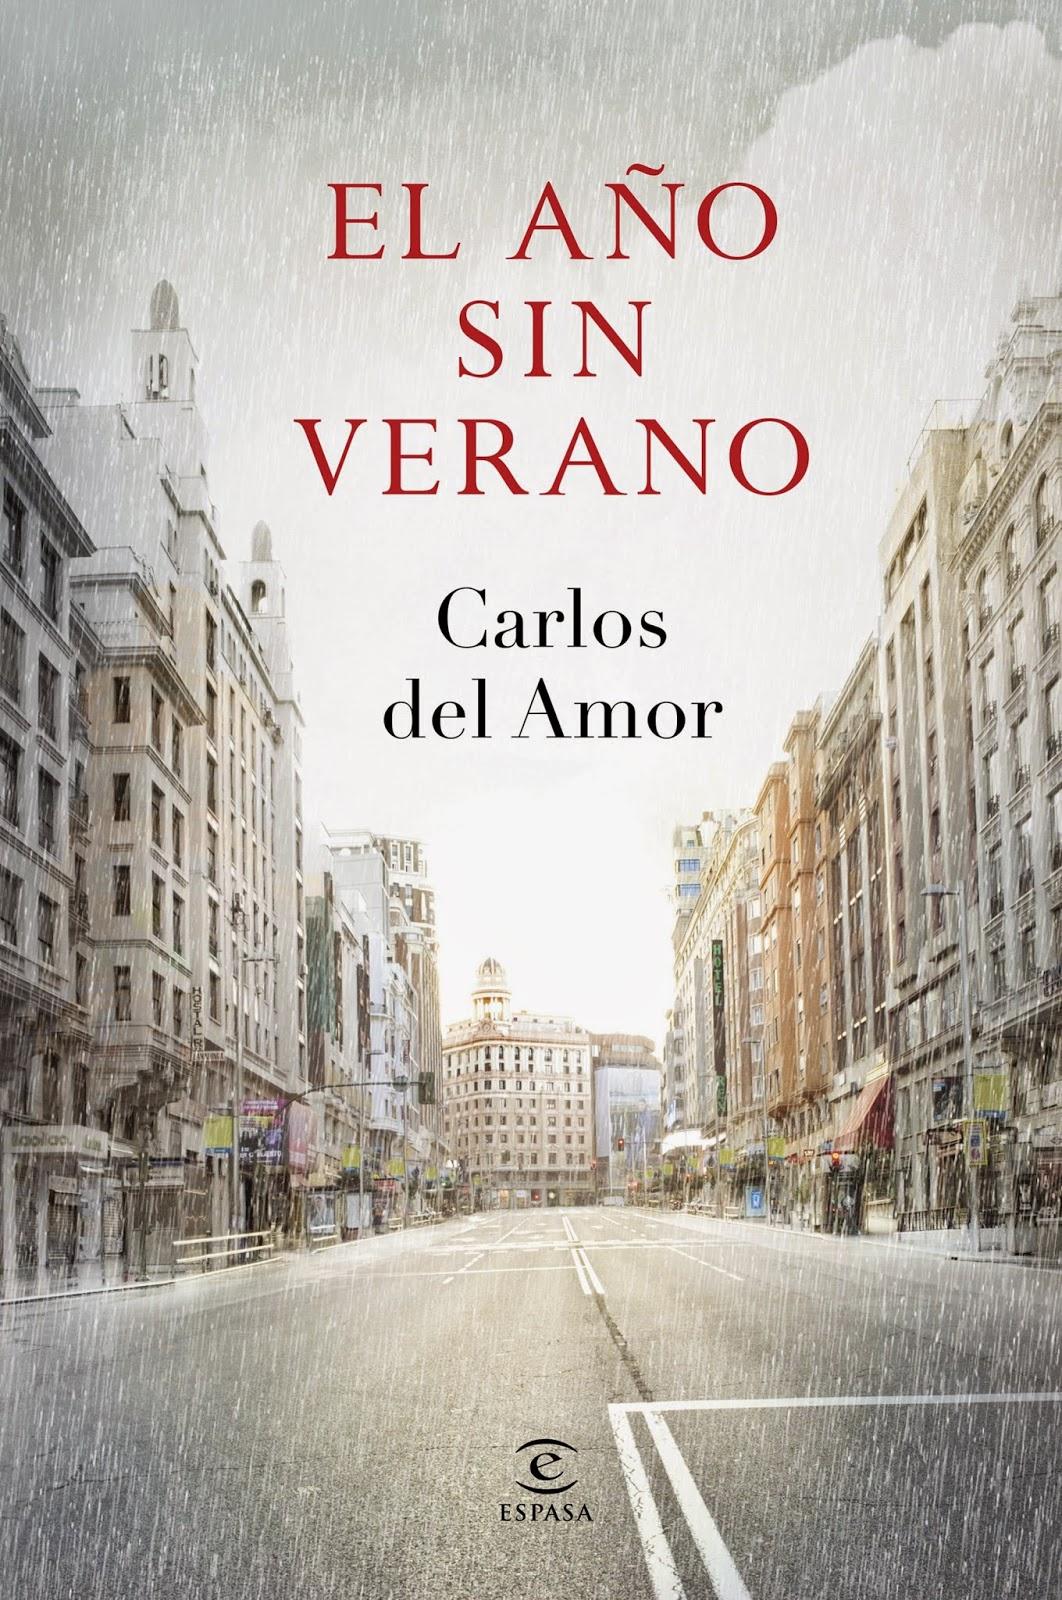 Reseña, Opinión, Libro, El año sin verano, Carlos del Amor